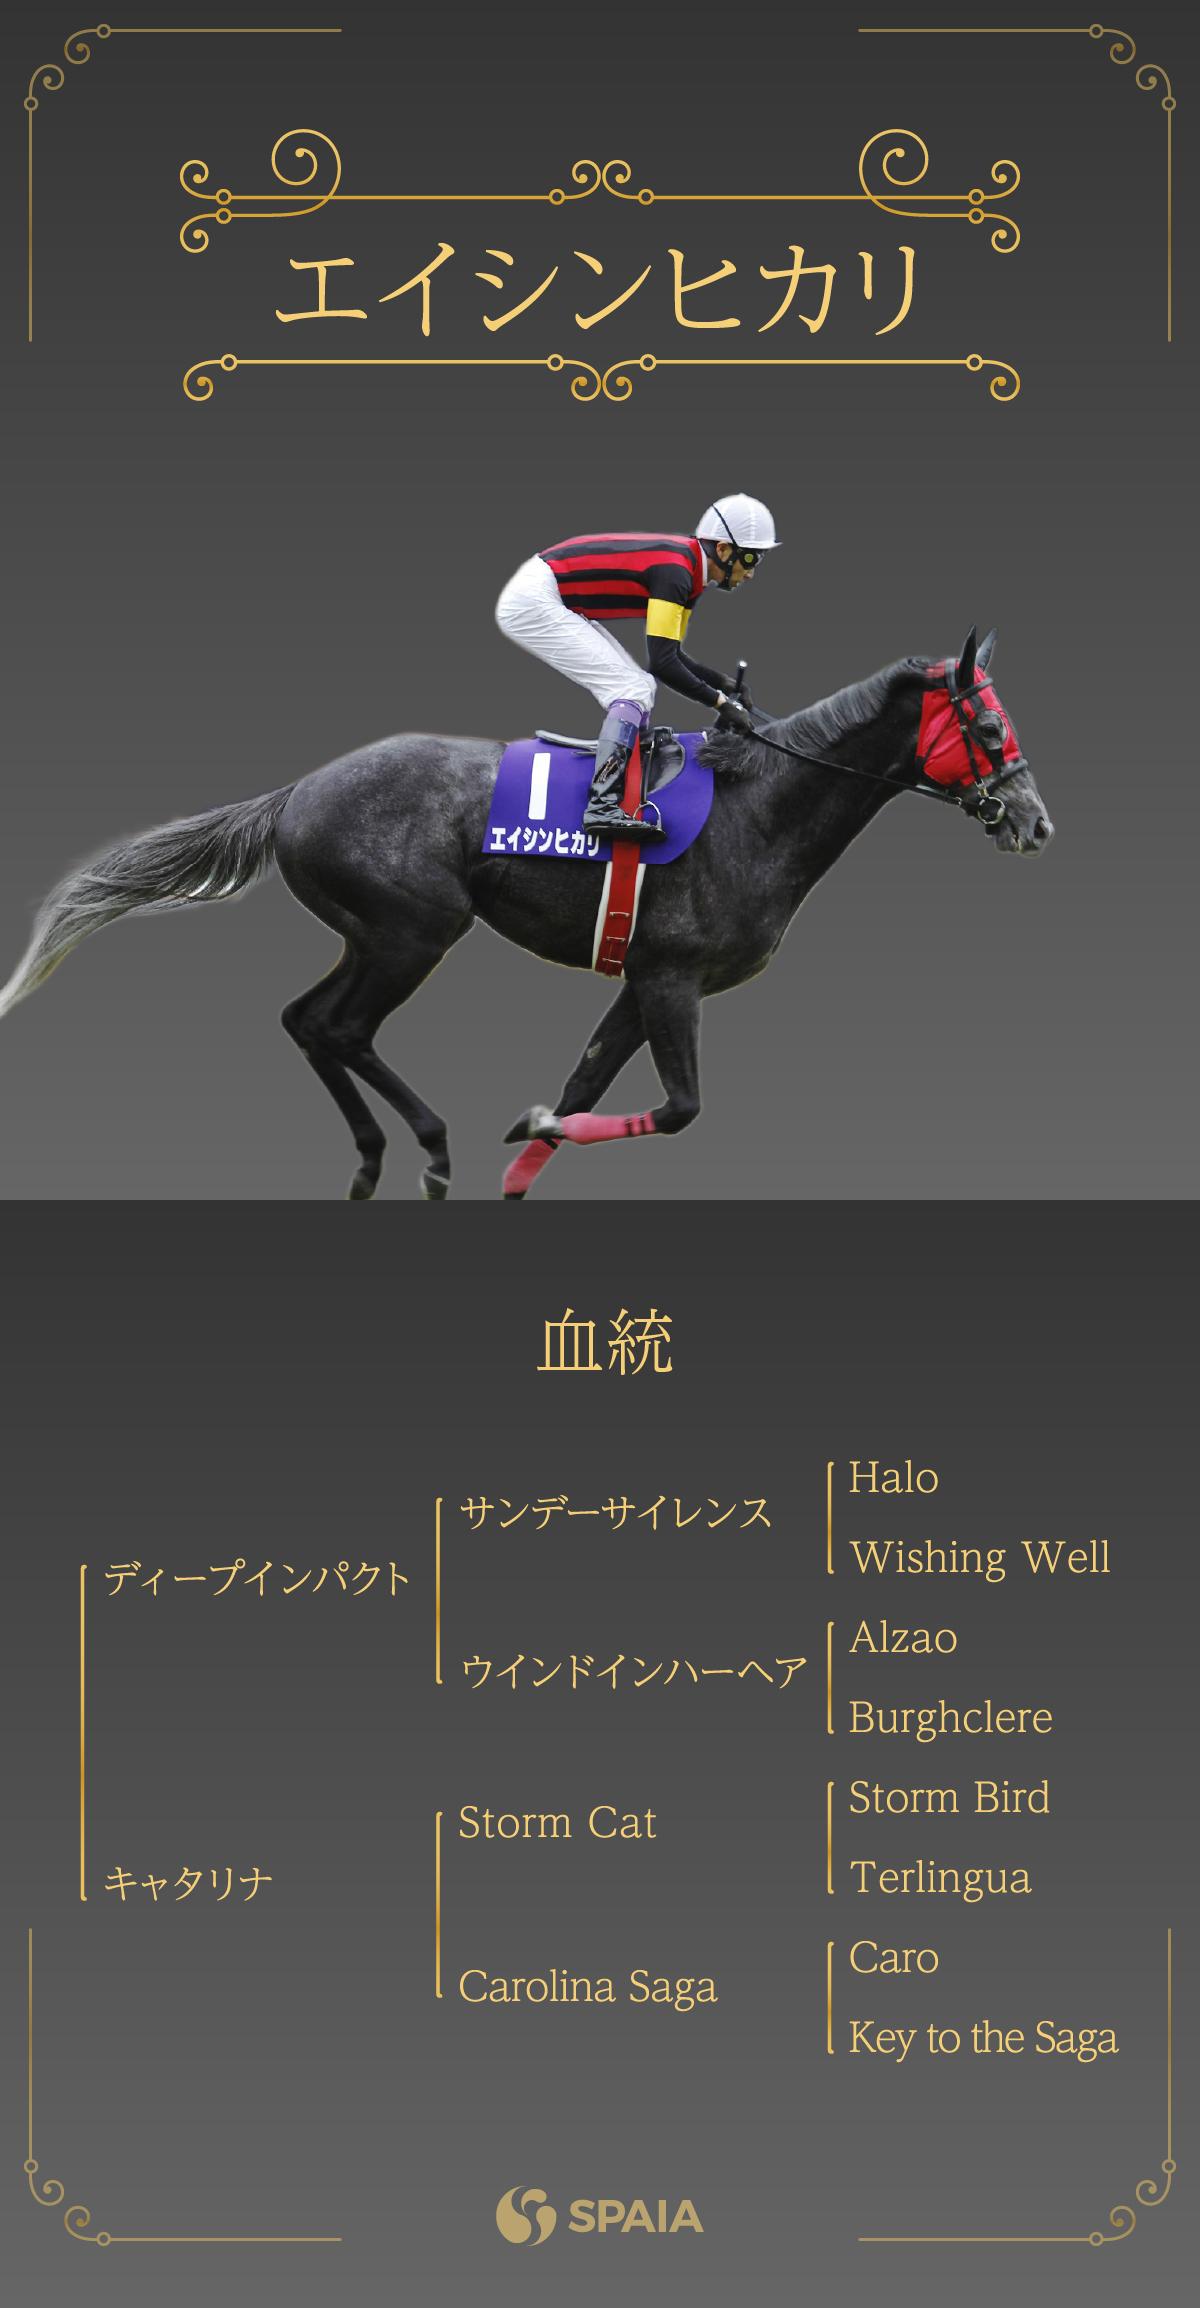 2020年新種牡馬エイシンヒカリ血統